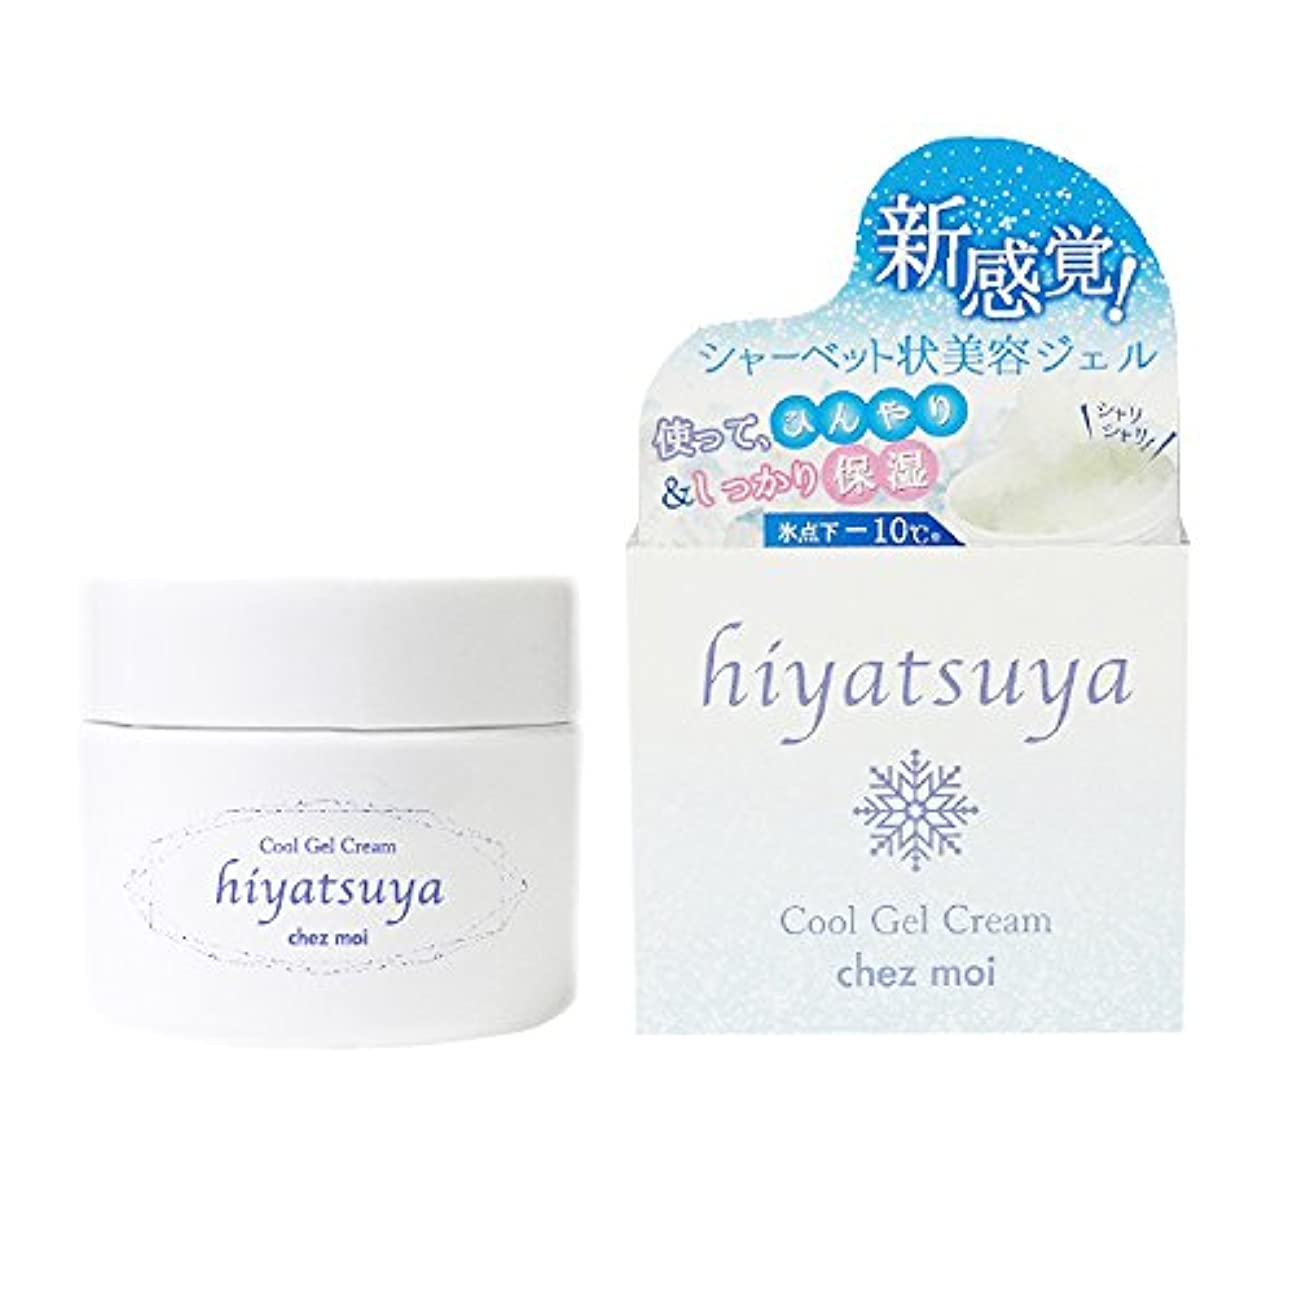 裸内向き解決するシェモア hiyatsuya(ヒヤツヤ) cool gel cream 70g